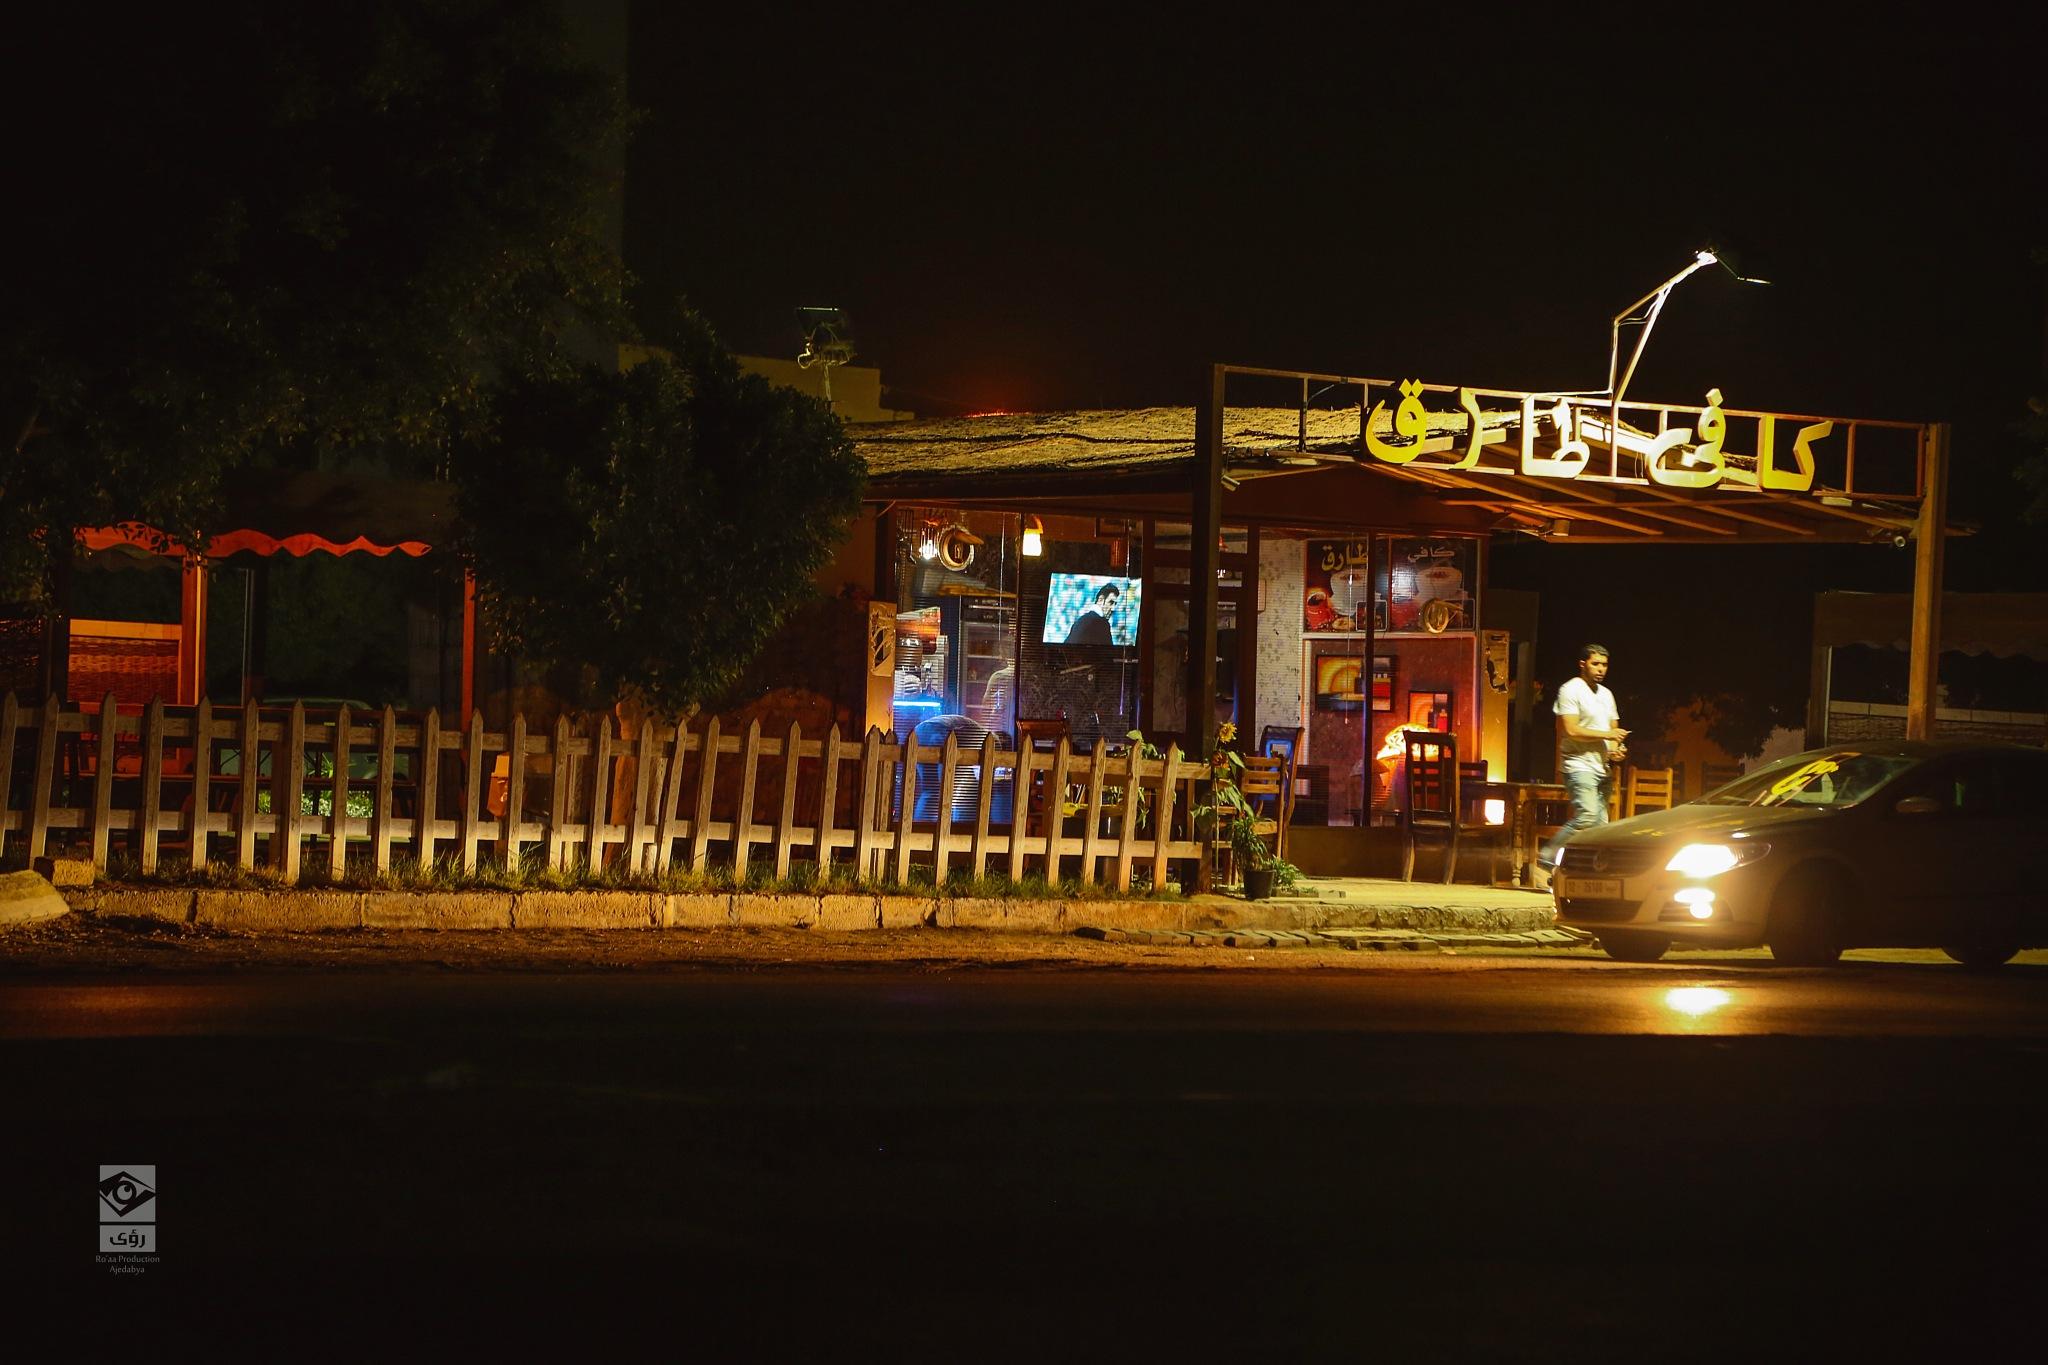 Coffee shop by Bopakrzeen